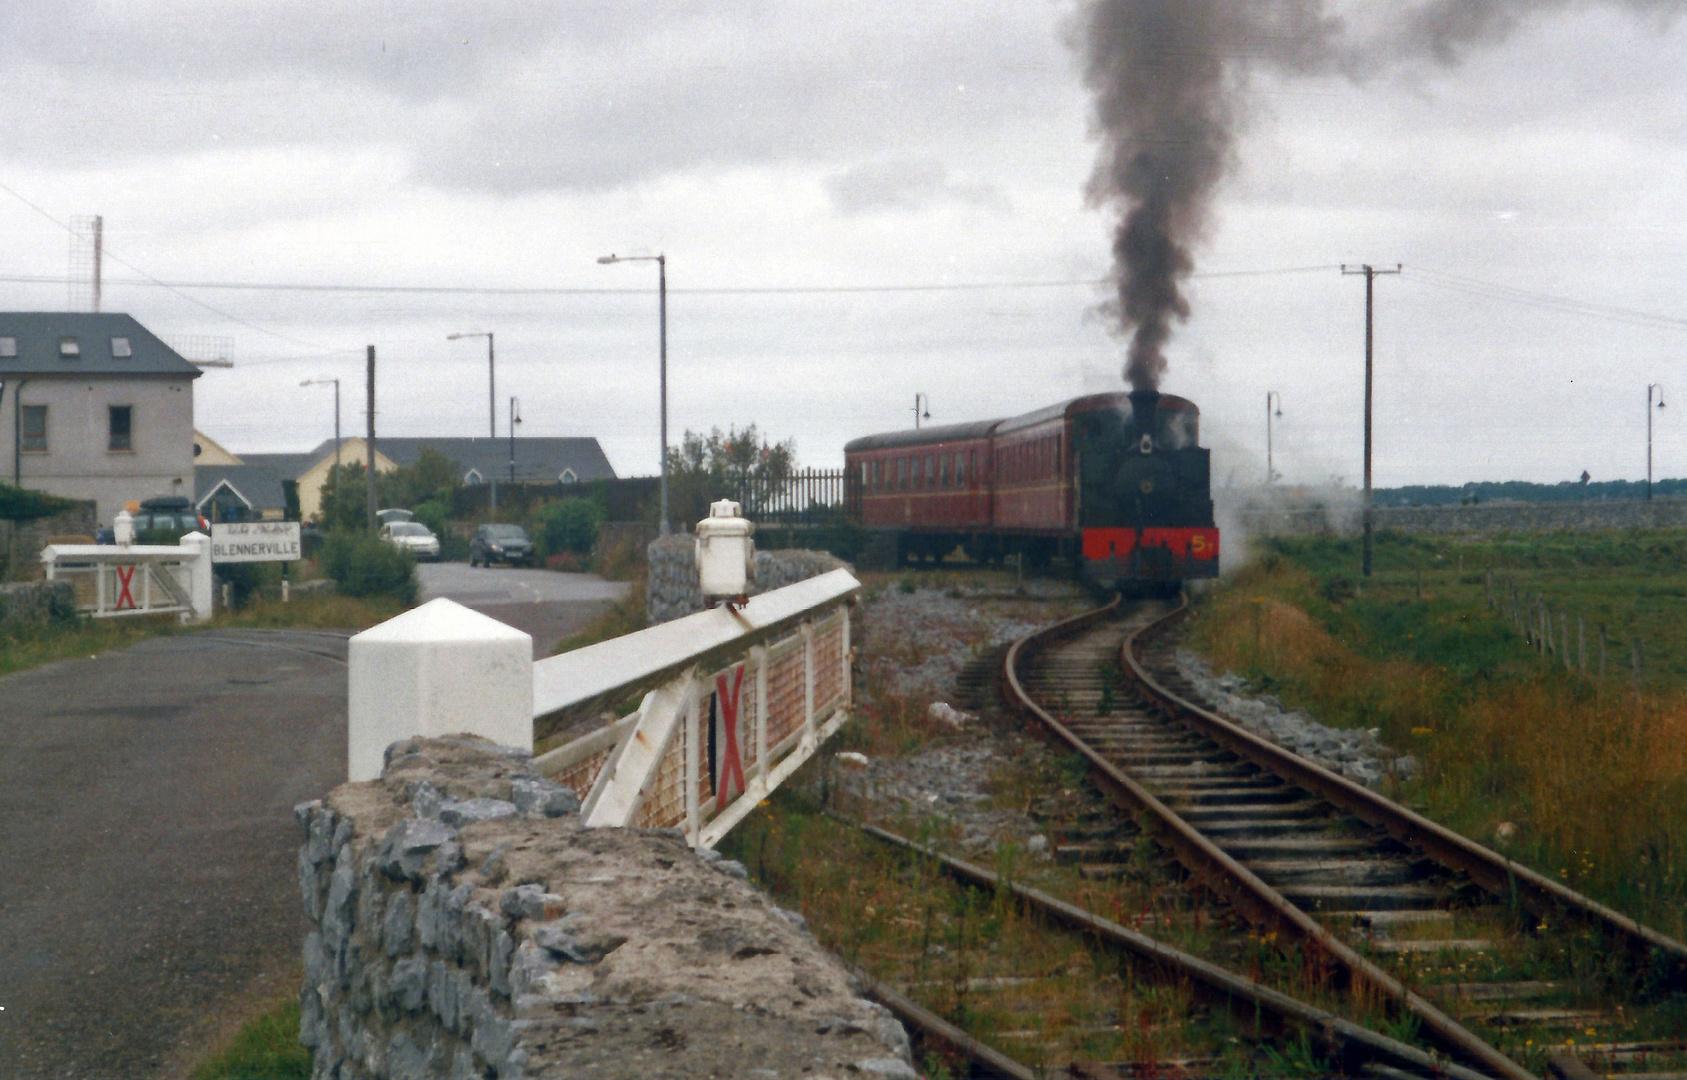 Bahnschranke verkehrt